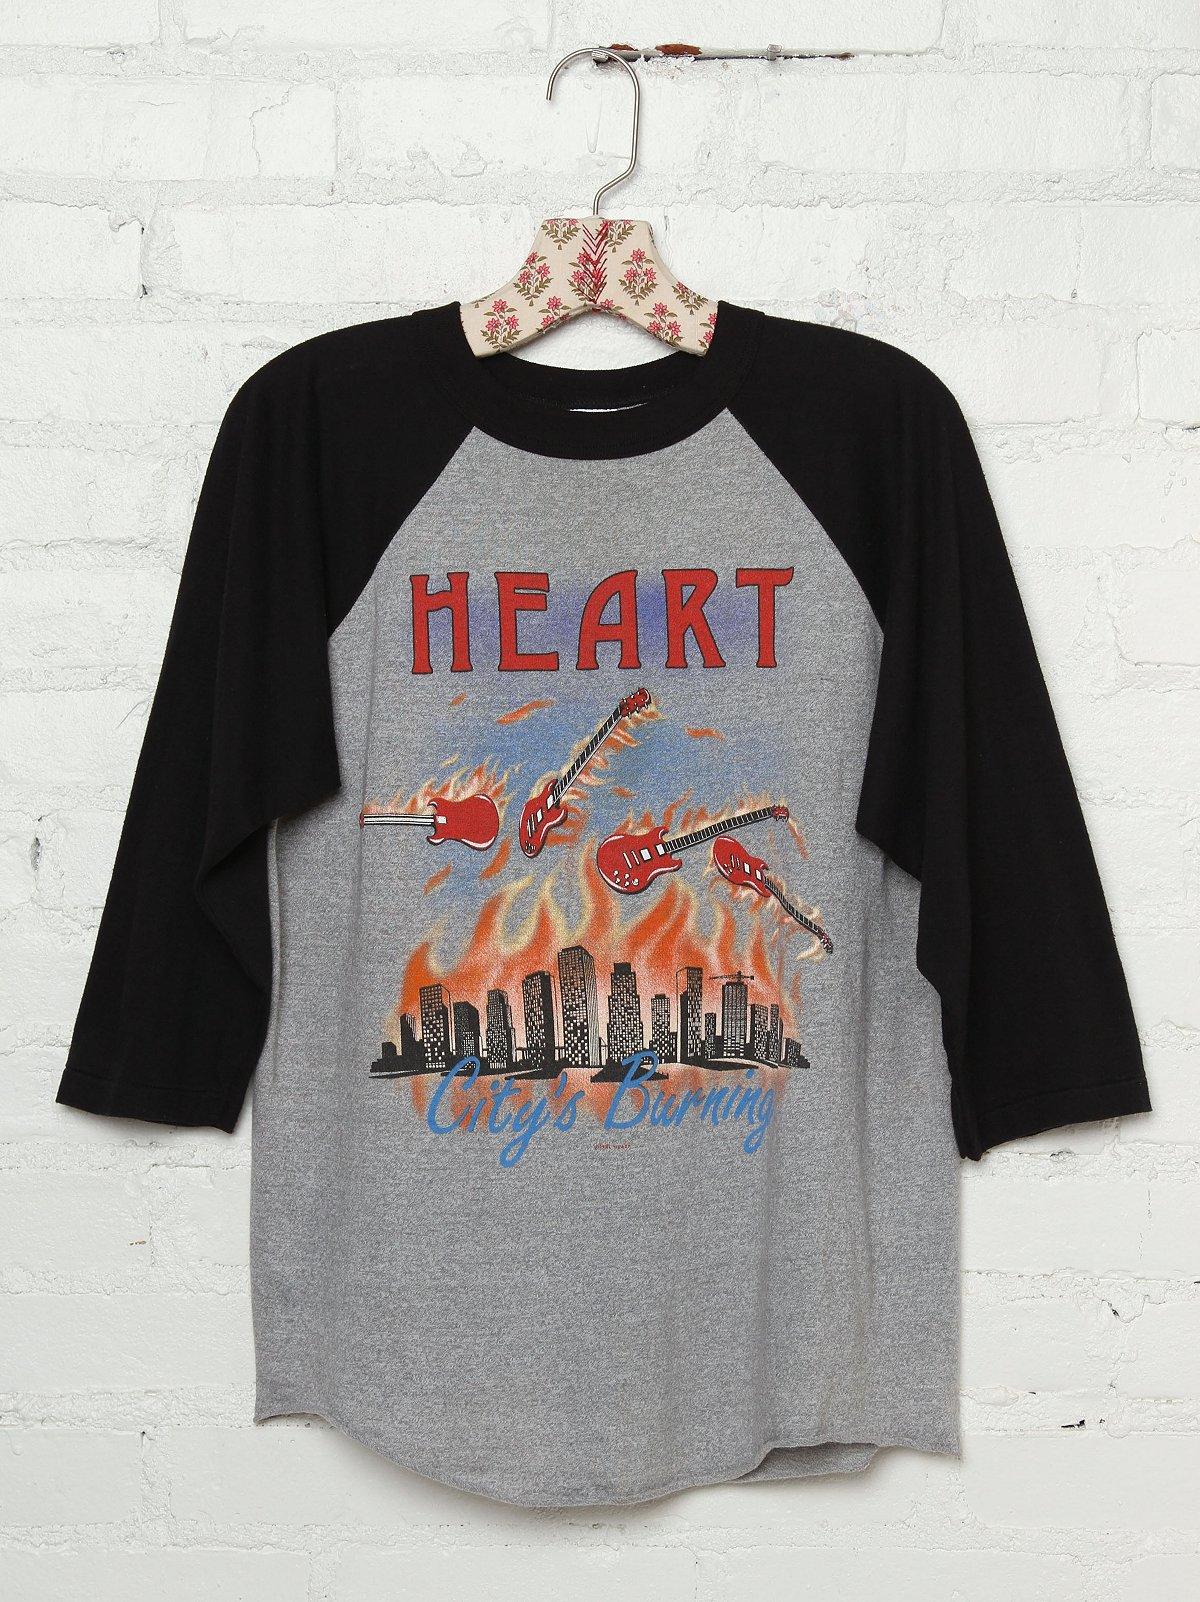 Vintage Heart 1982 Tee